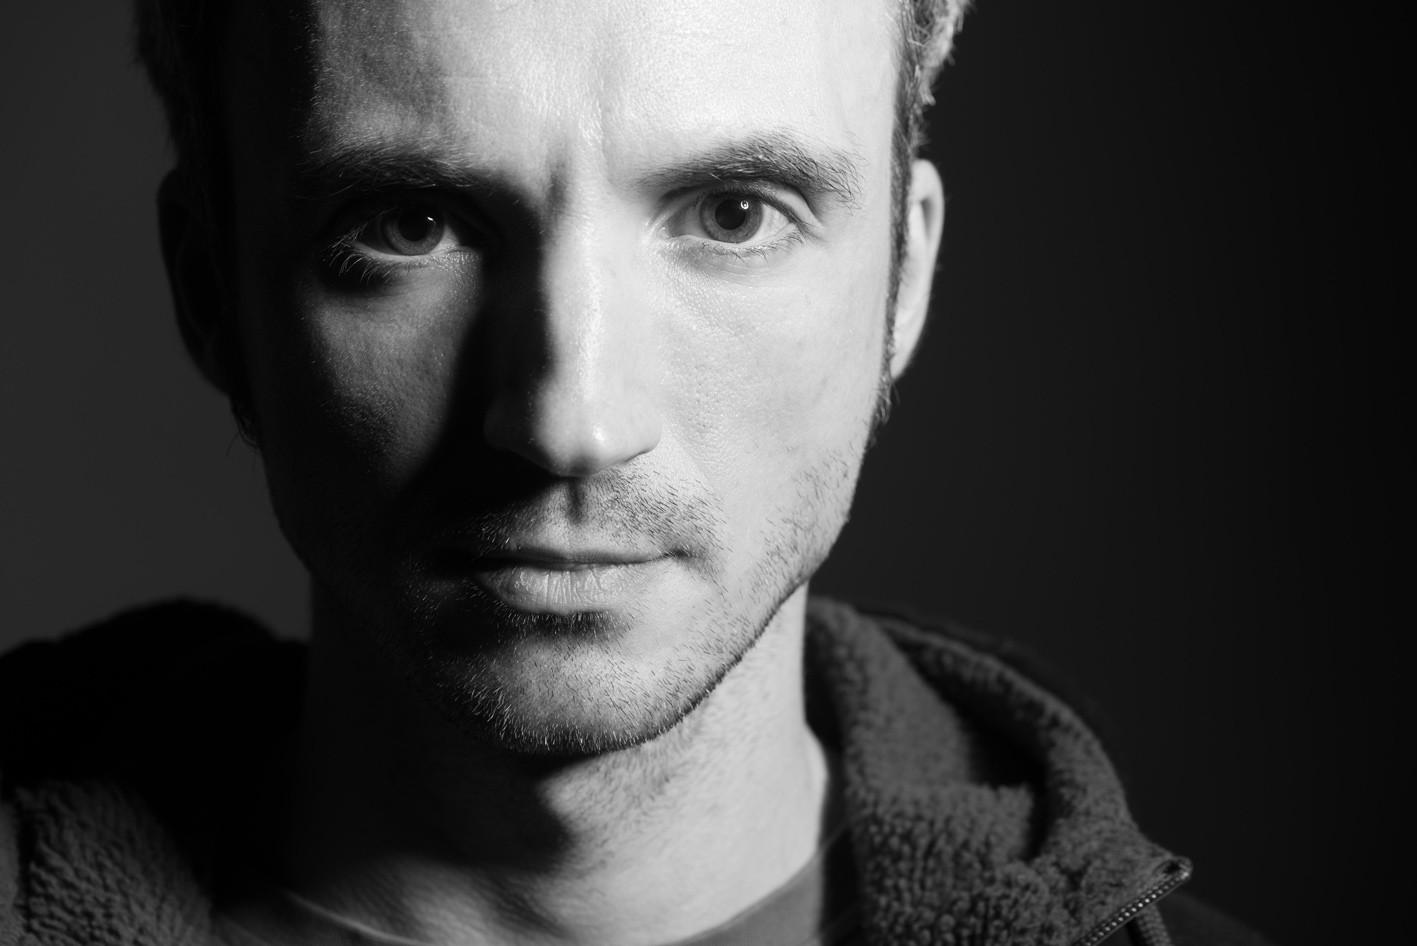 portrait-noir-et-blanc-01.jpg